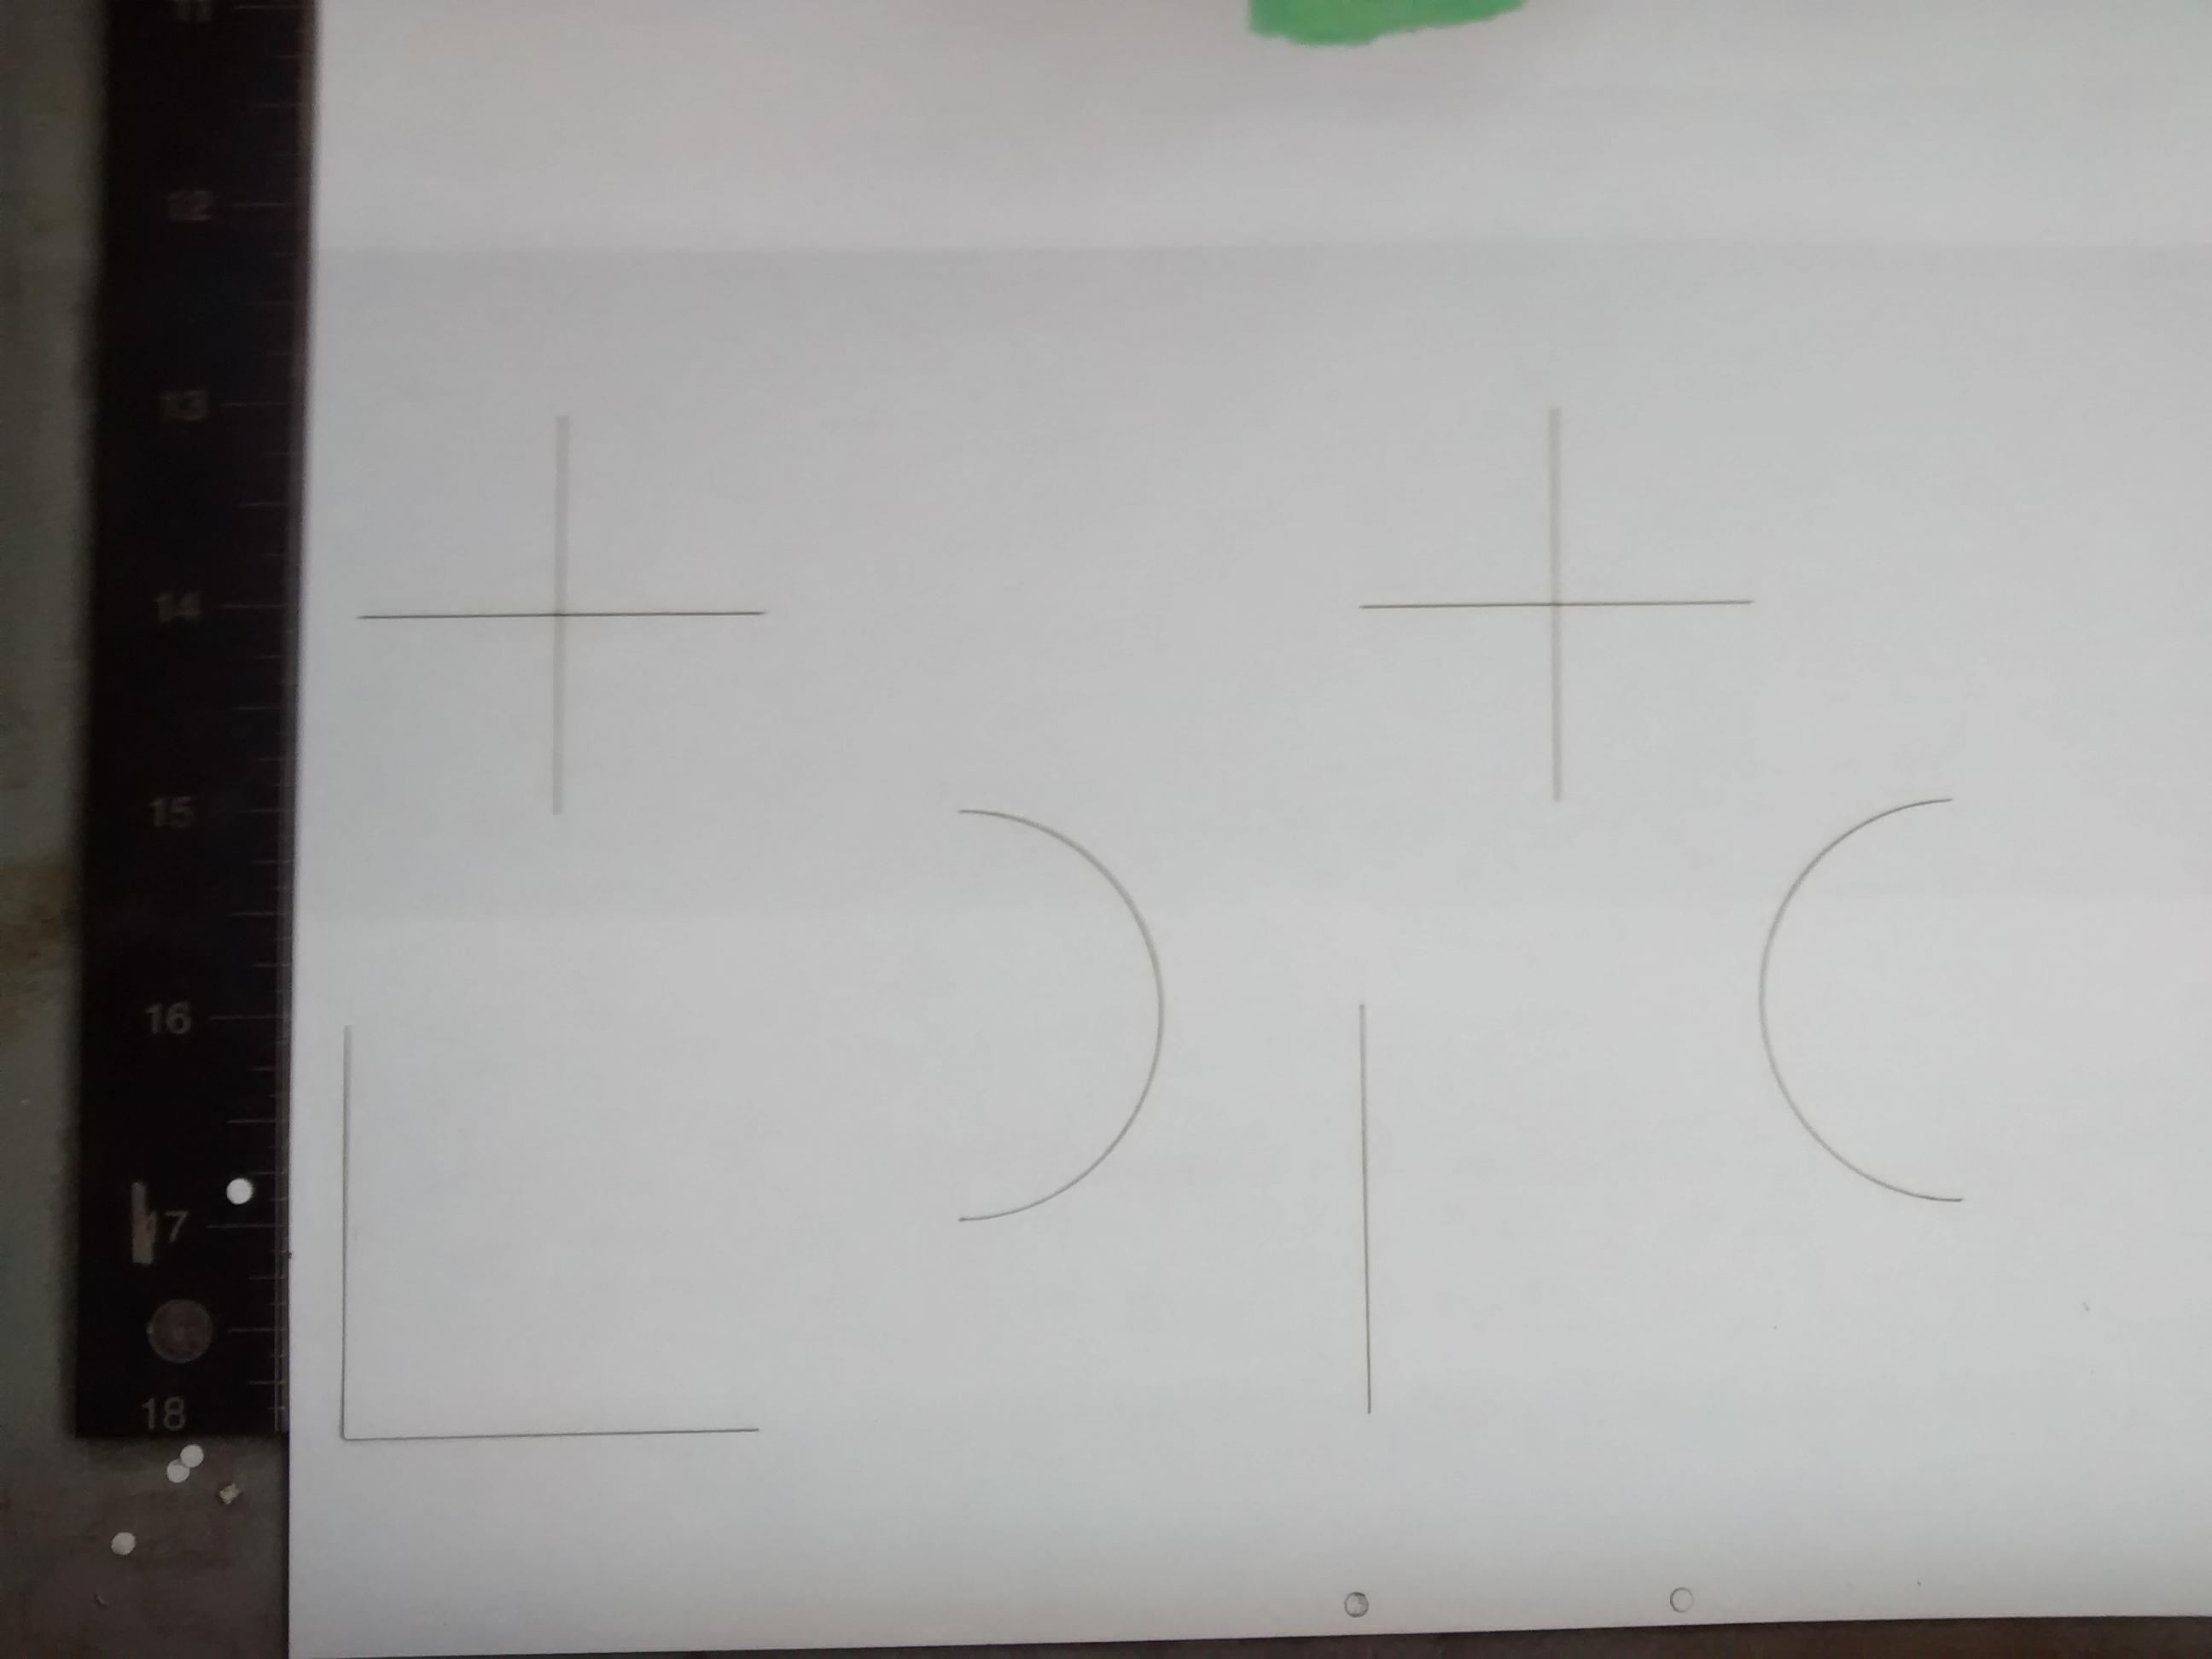 ロレックス 中古 デイトナ | ロレックス デイトナ 時計 スーパー コピー